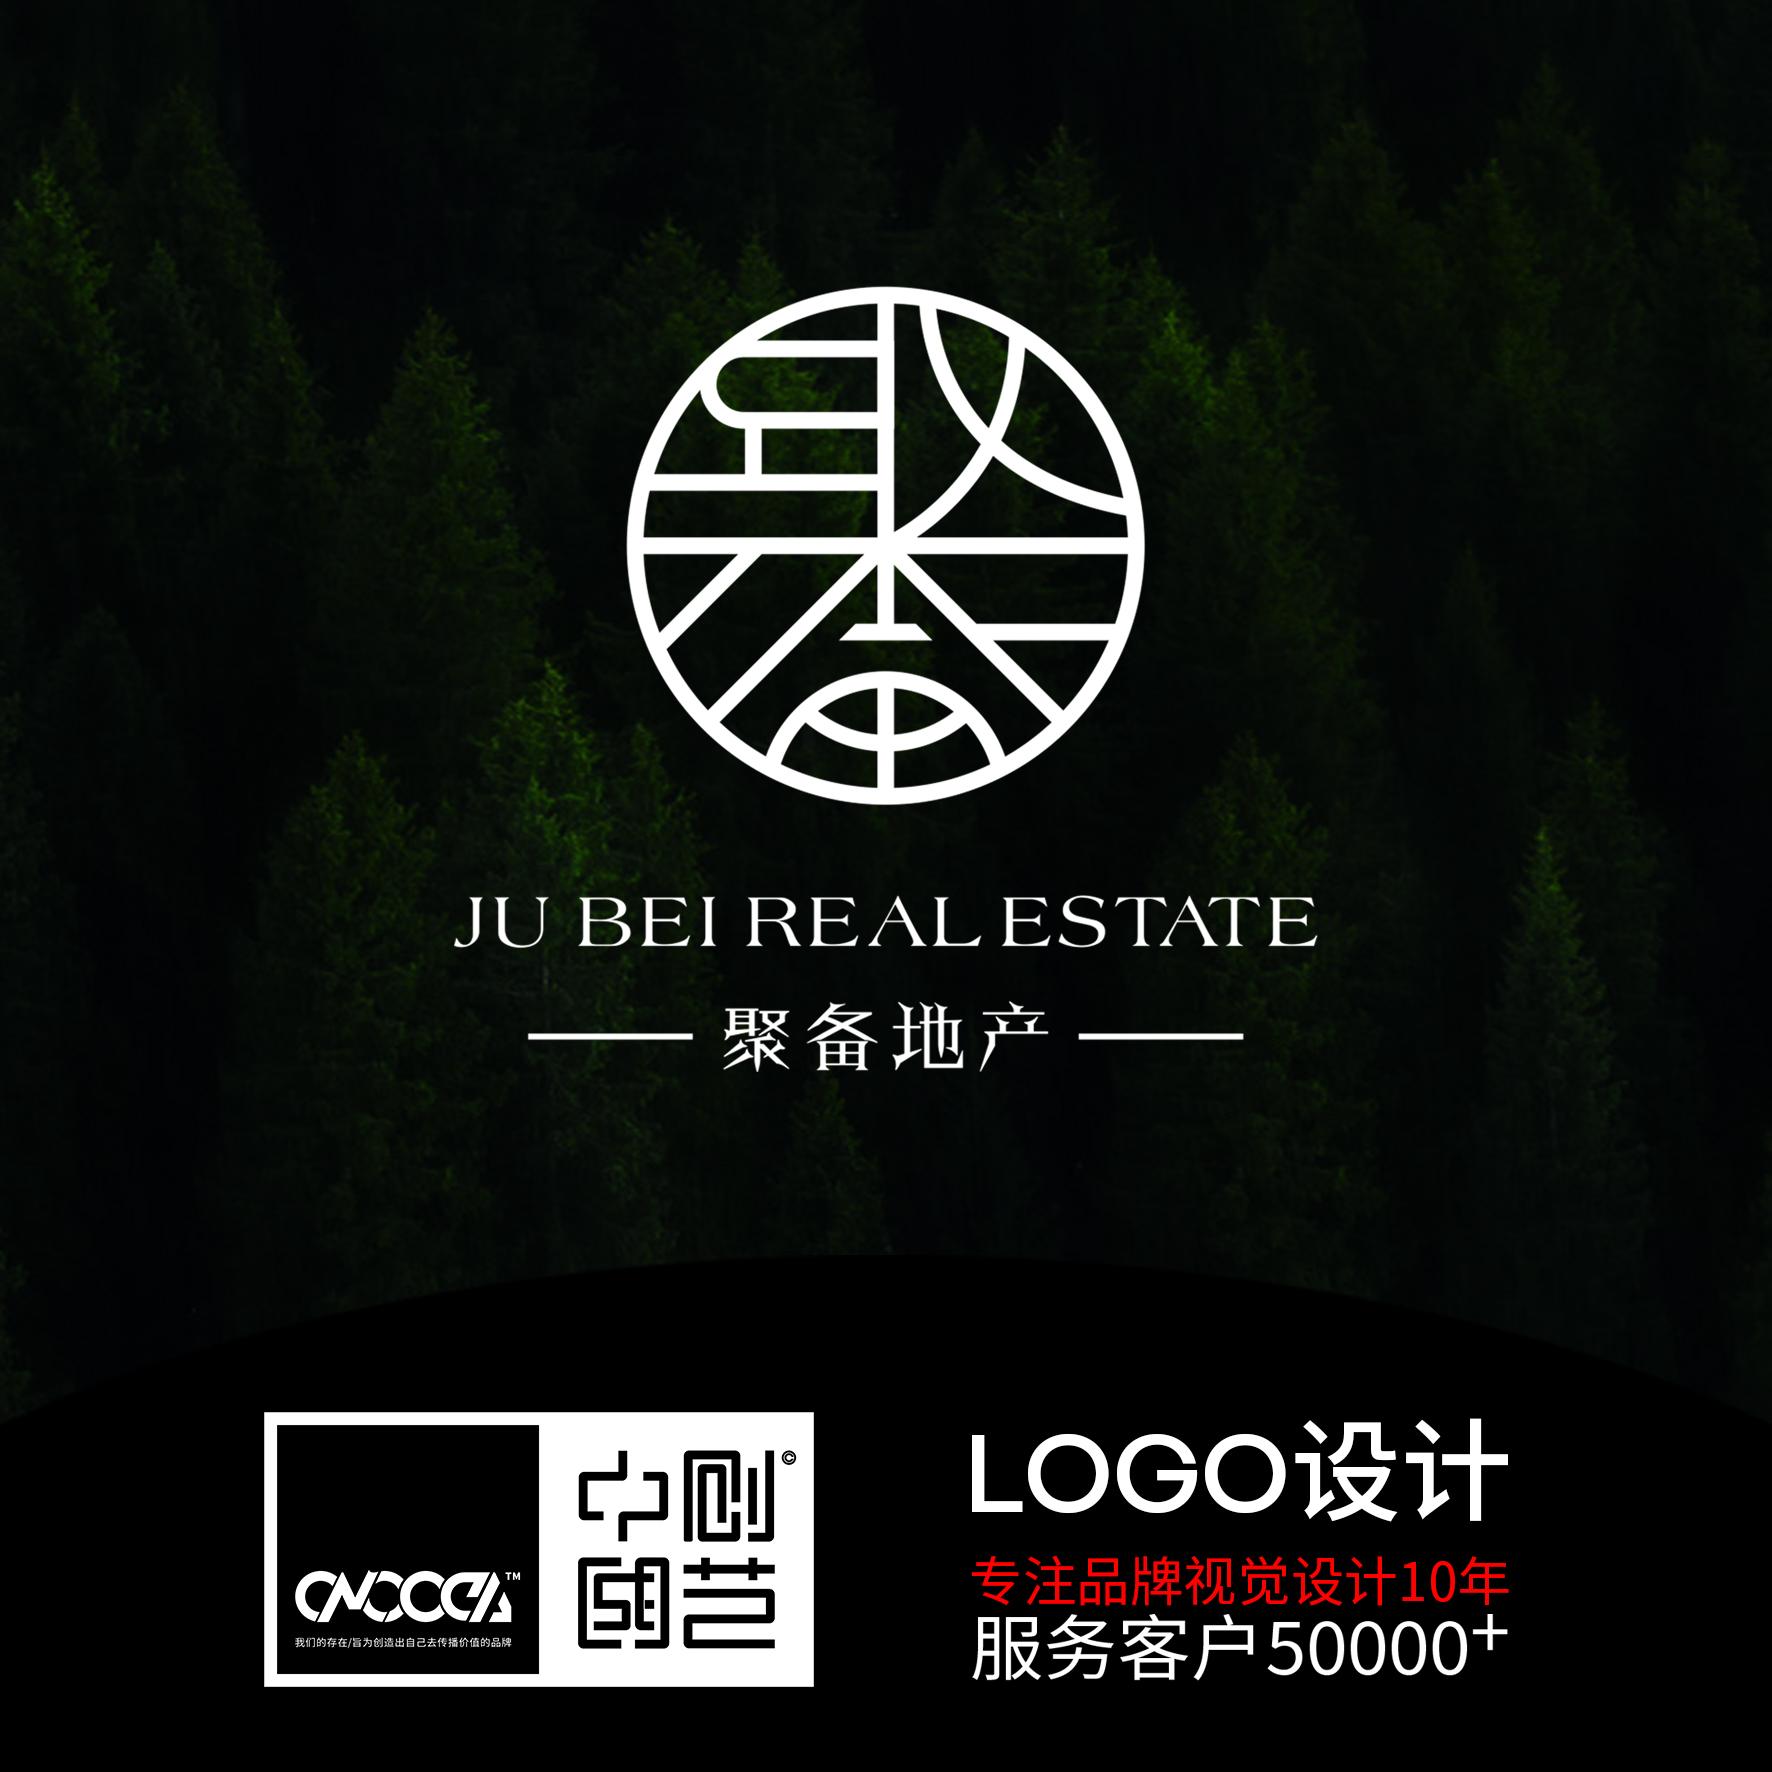 聚备地产LOGO设计